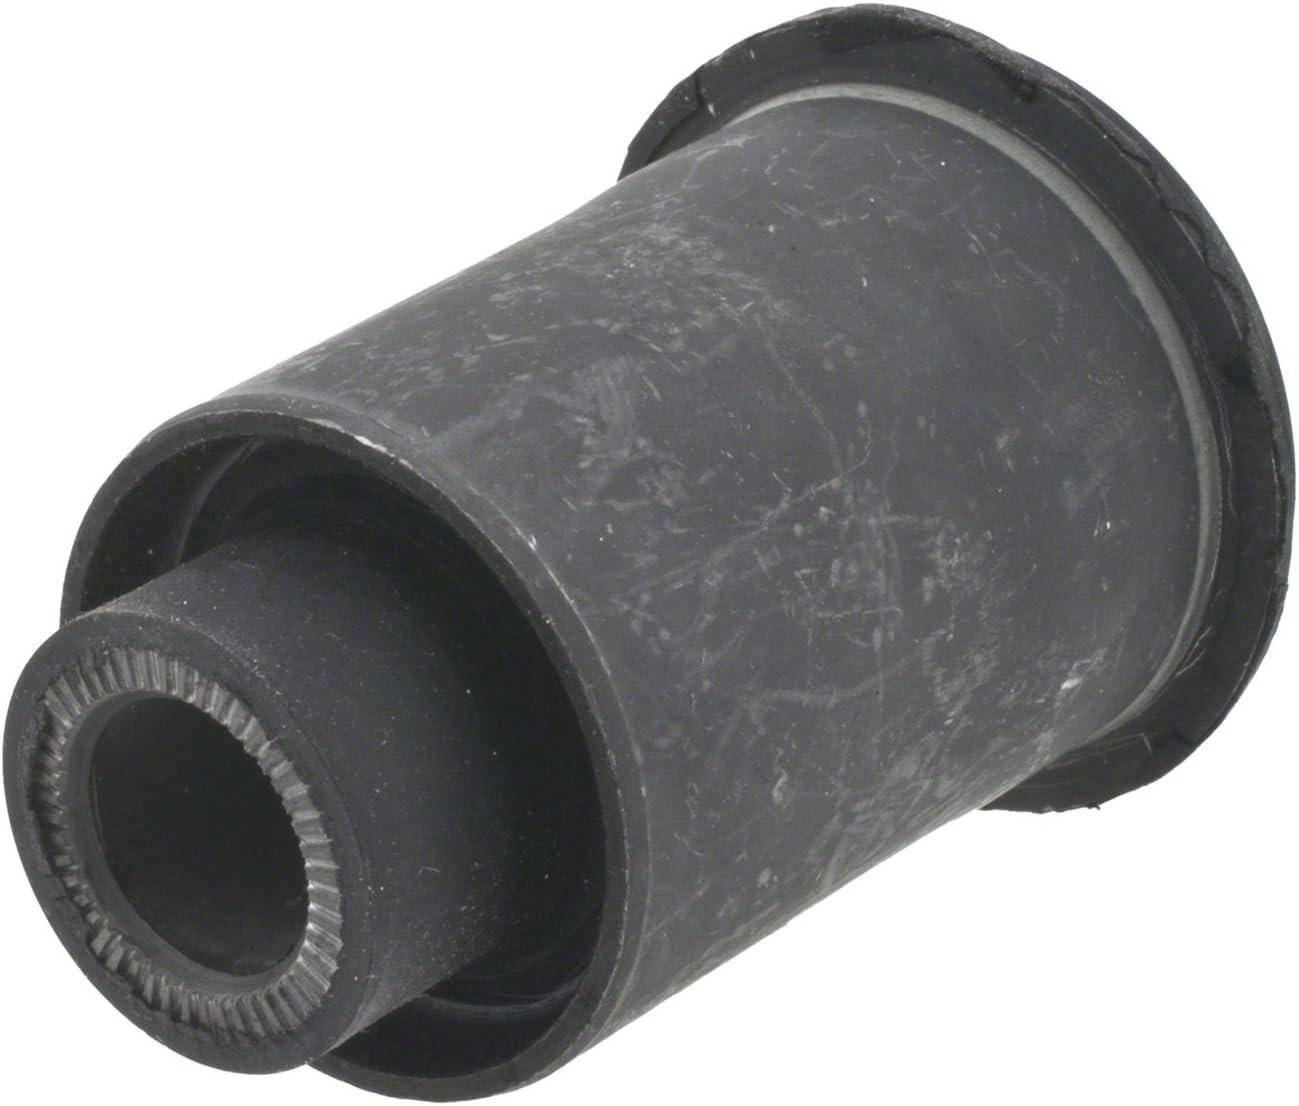 Moog K200005 Control Arm Bushing Federal Mogul